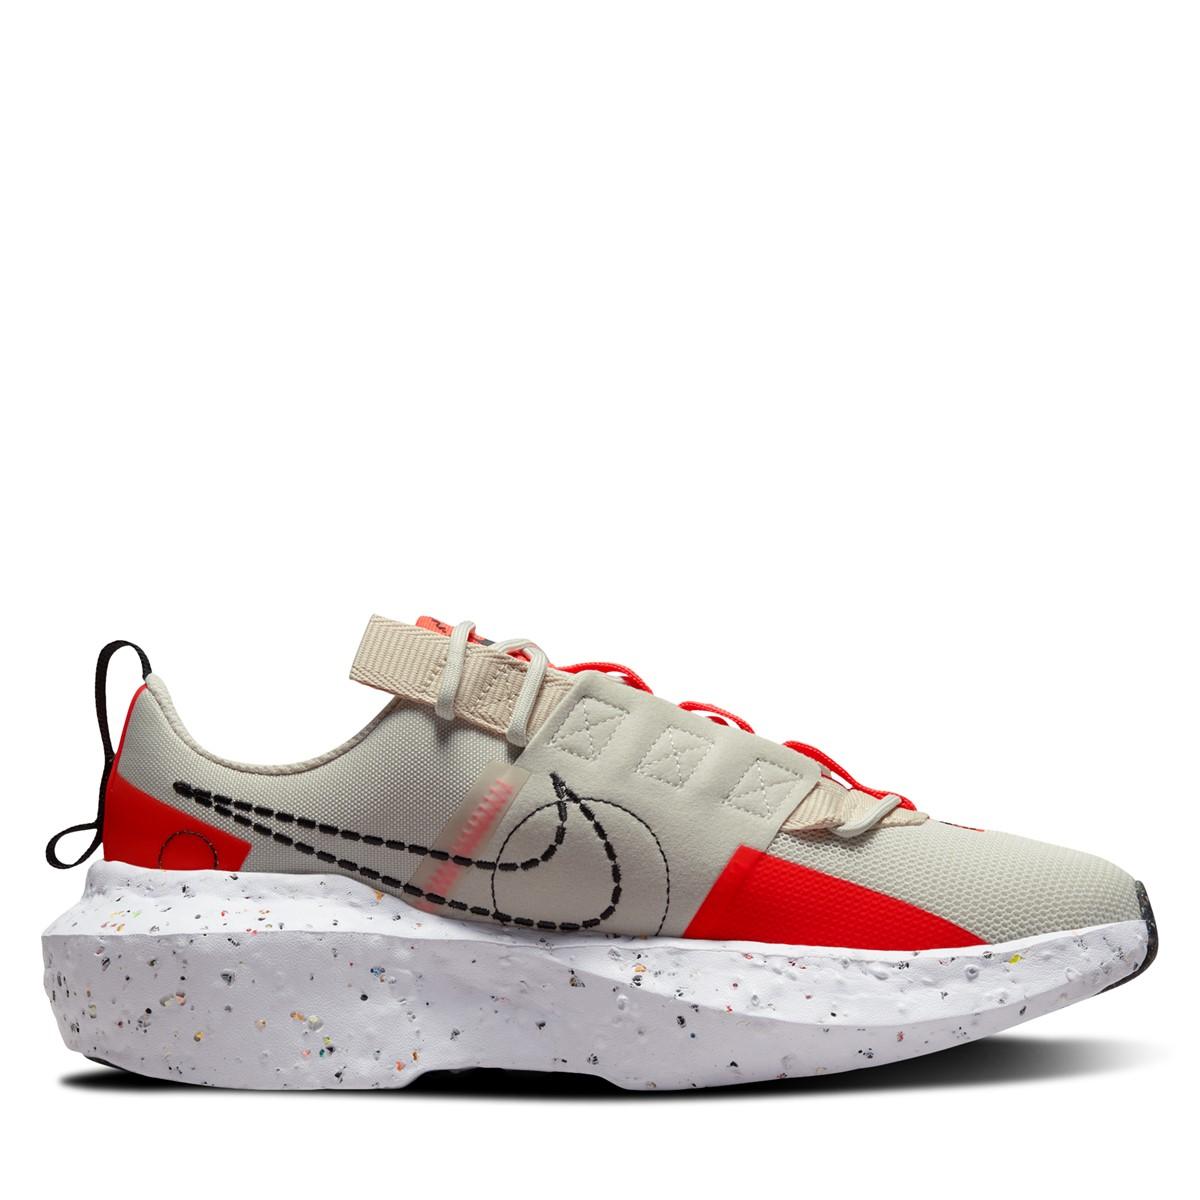 Women's Crater Impact Sneakers in Beige/Red